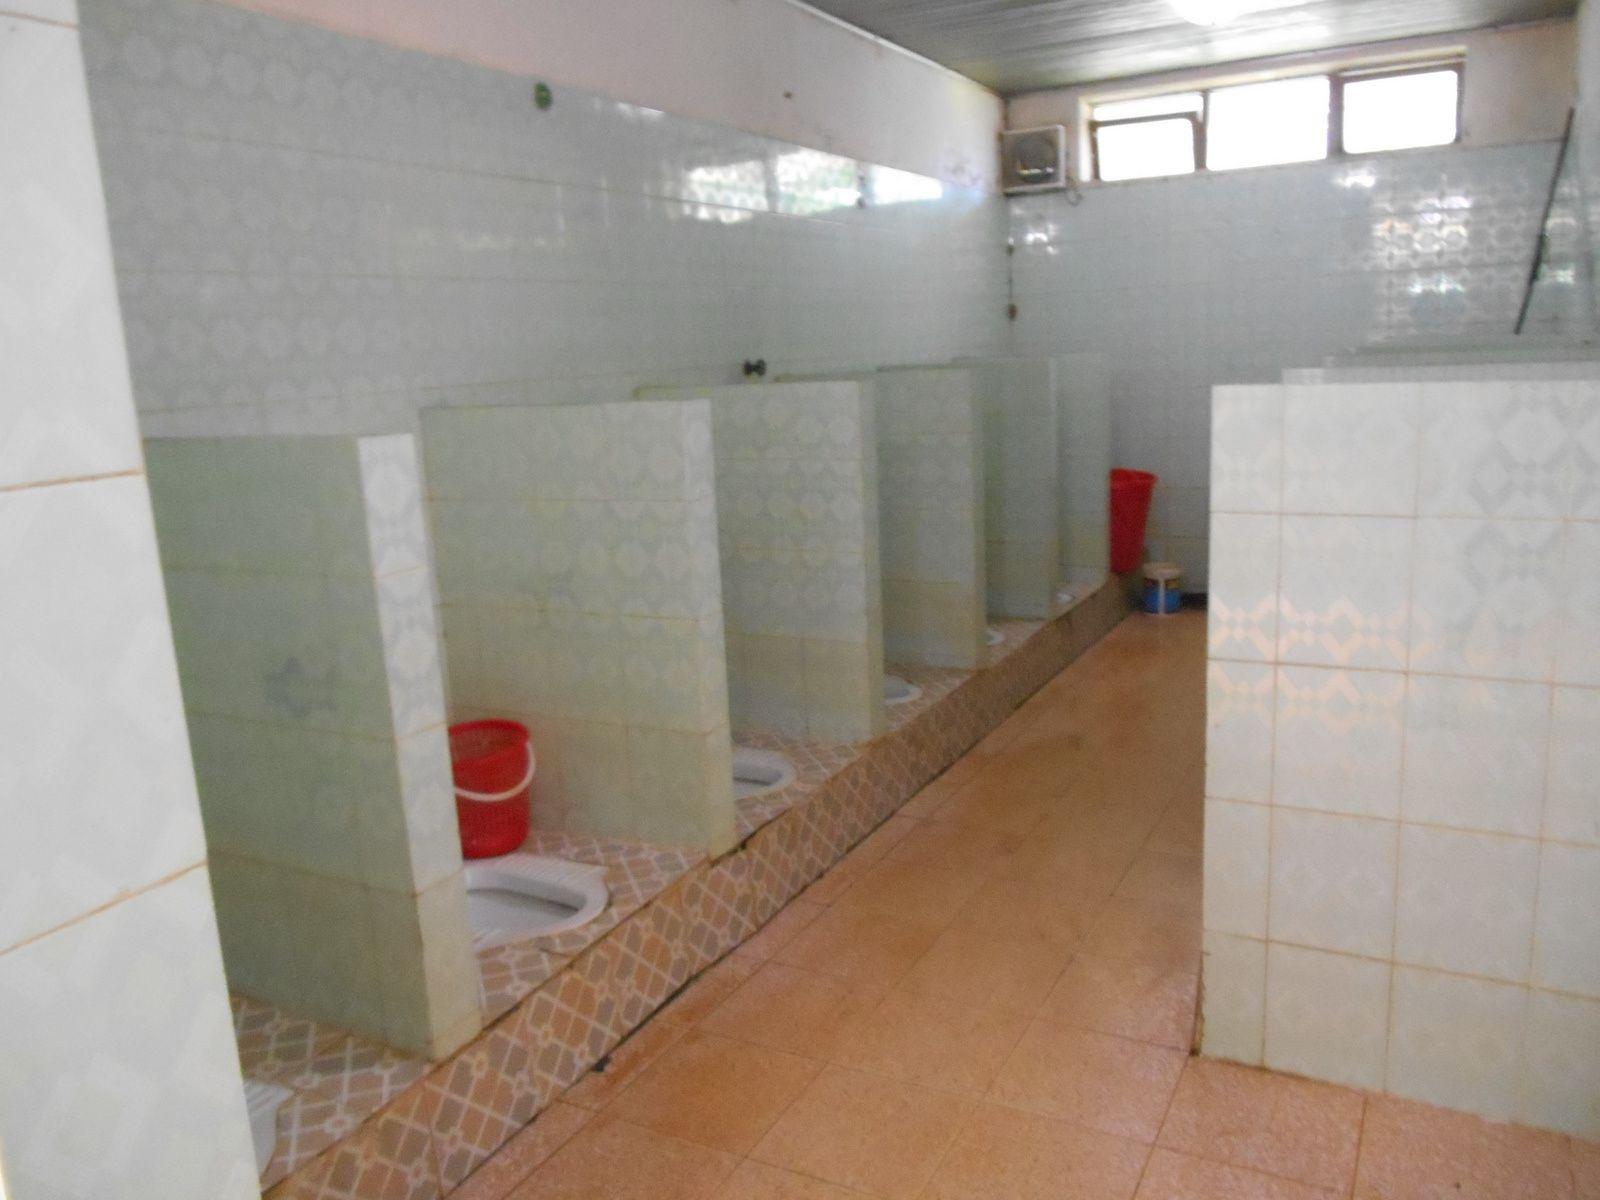 Les toilettes dames avec un original face à face.